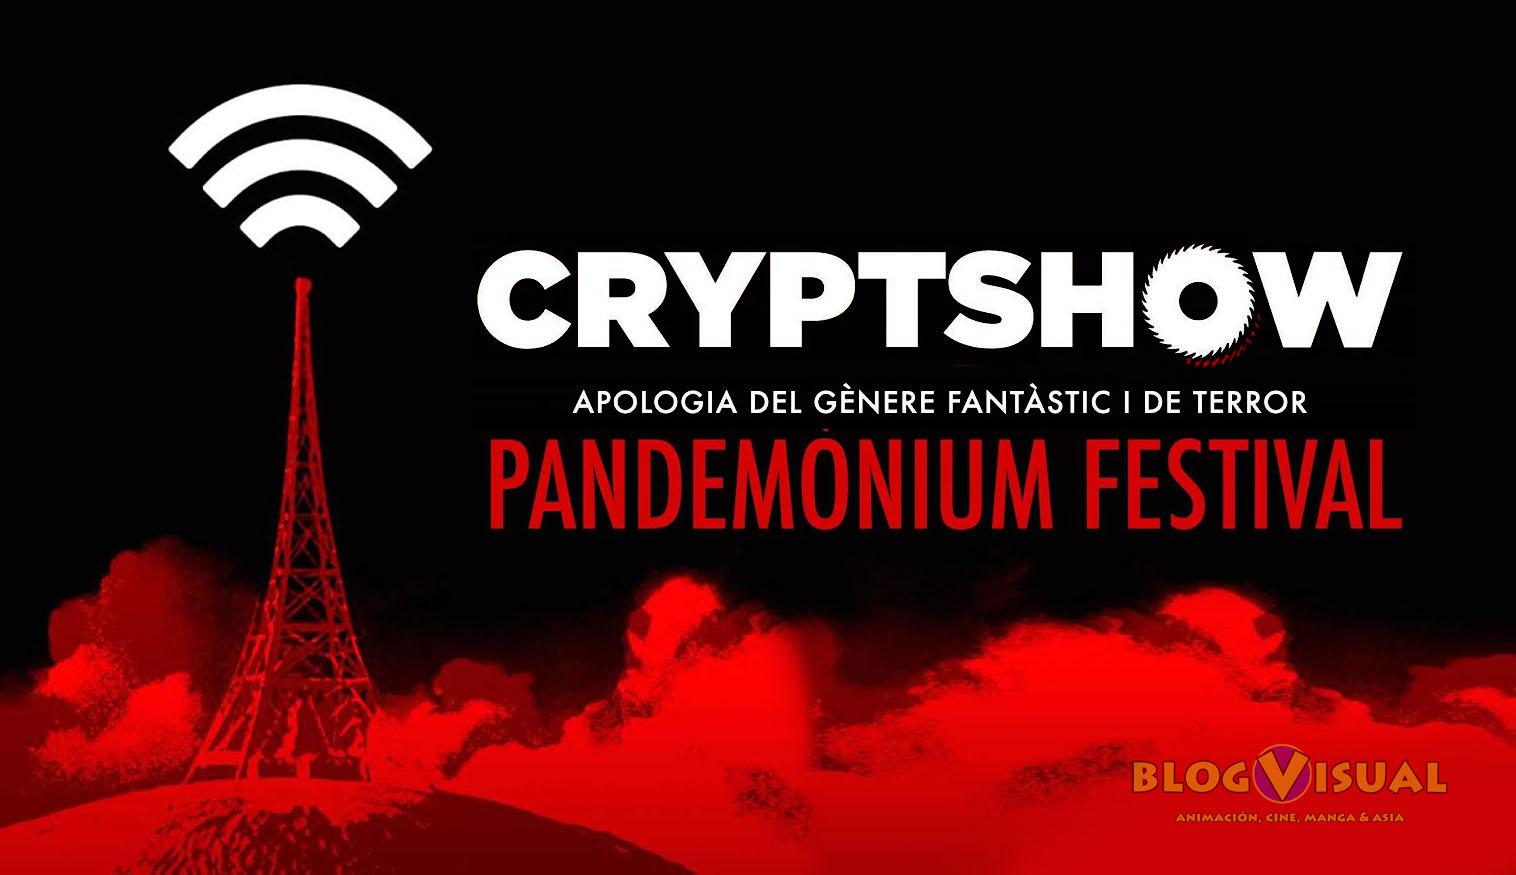 cryptshow2020banner-BV.jpg